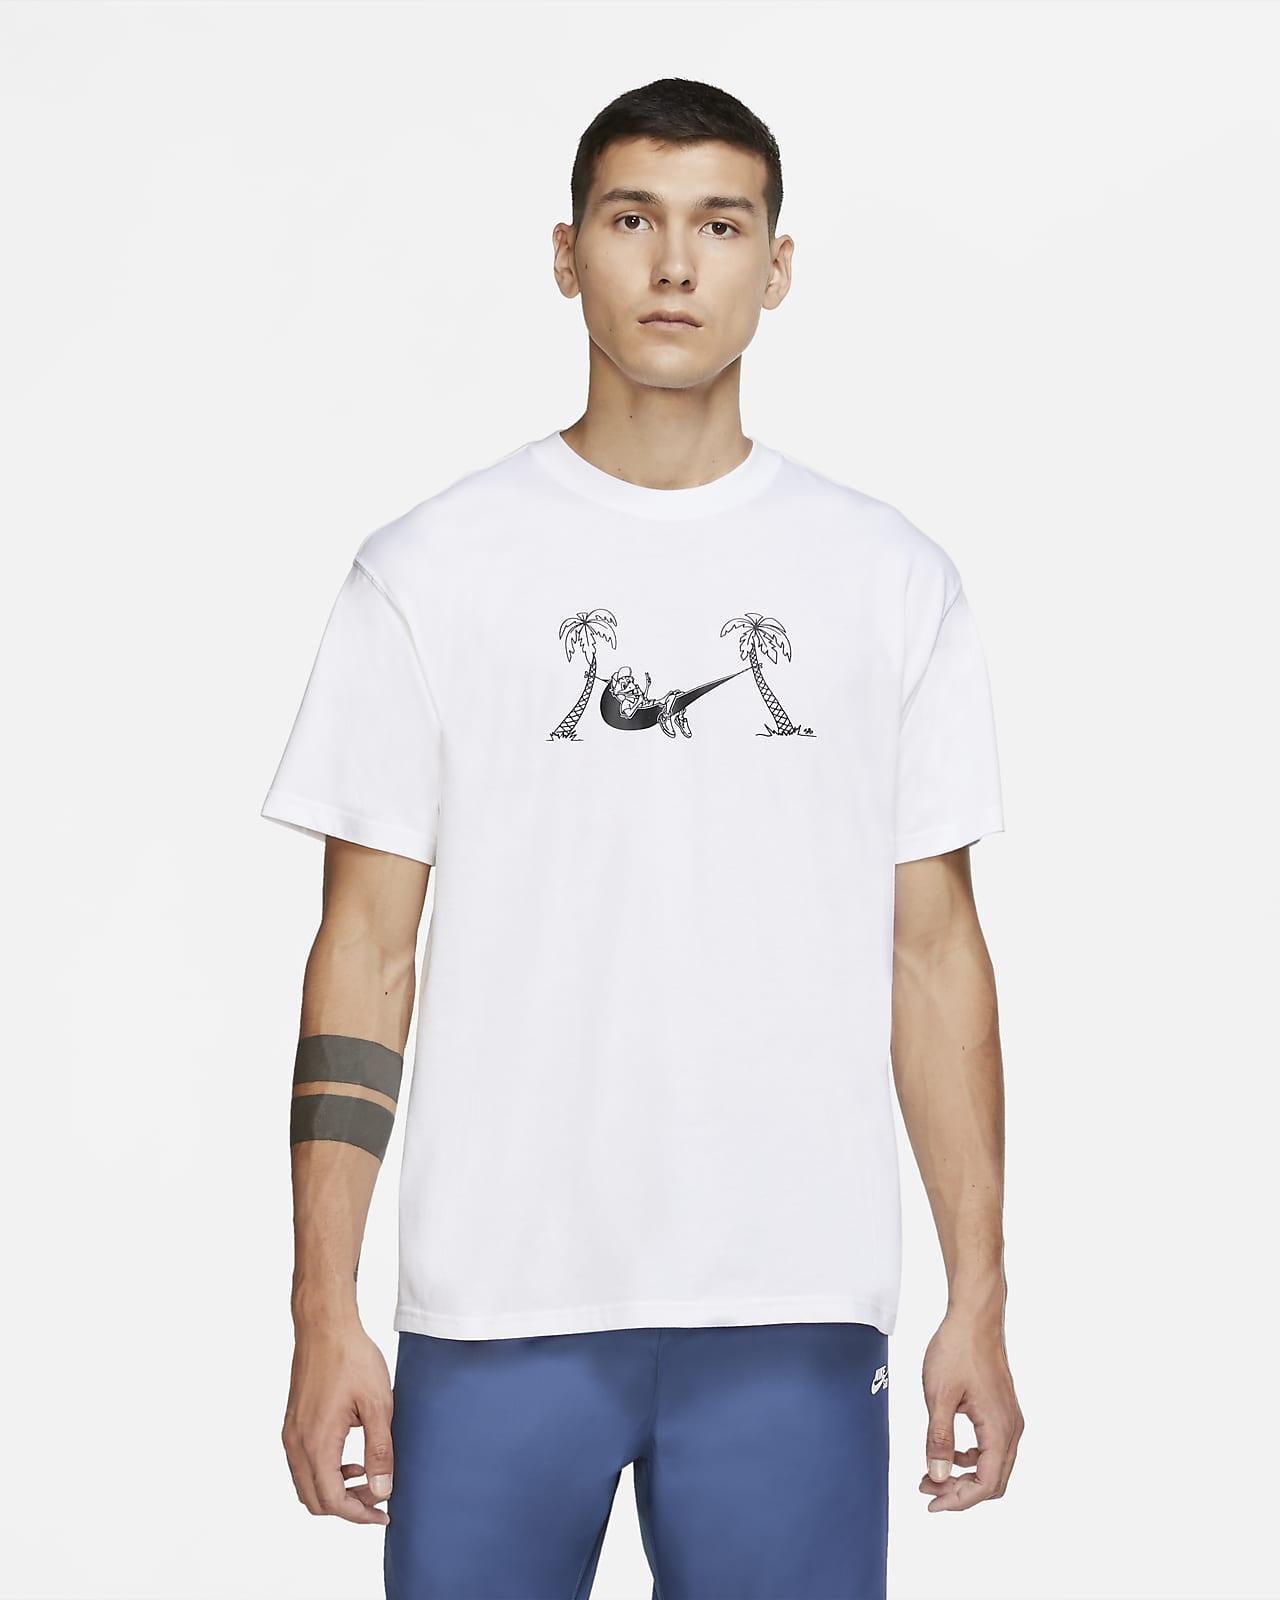 เสื้อยืดสเก็ตบอร์ดขาสั้นผู้ชาย Nike SB